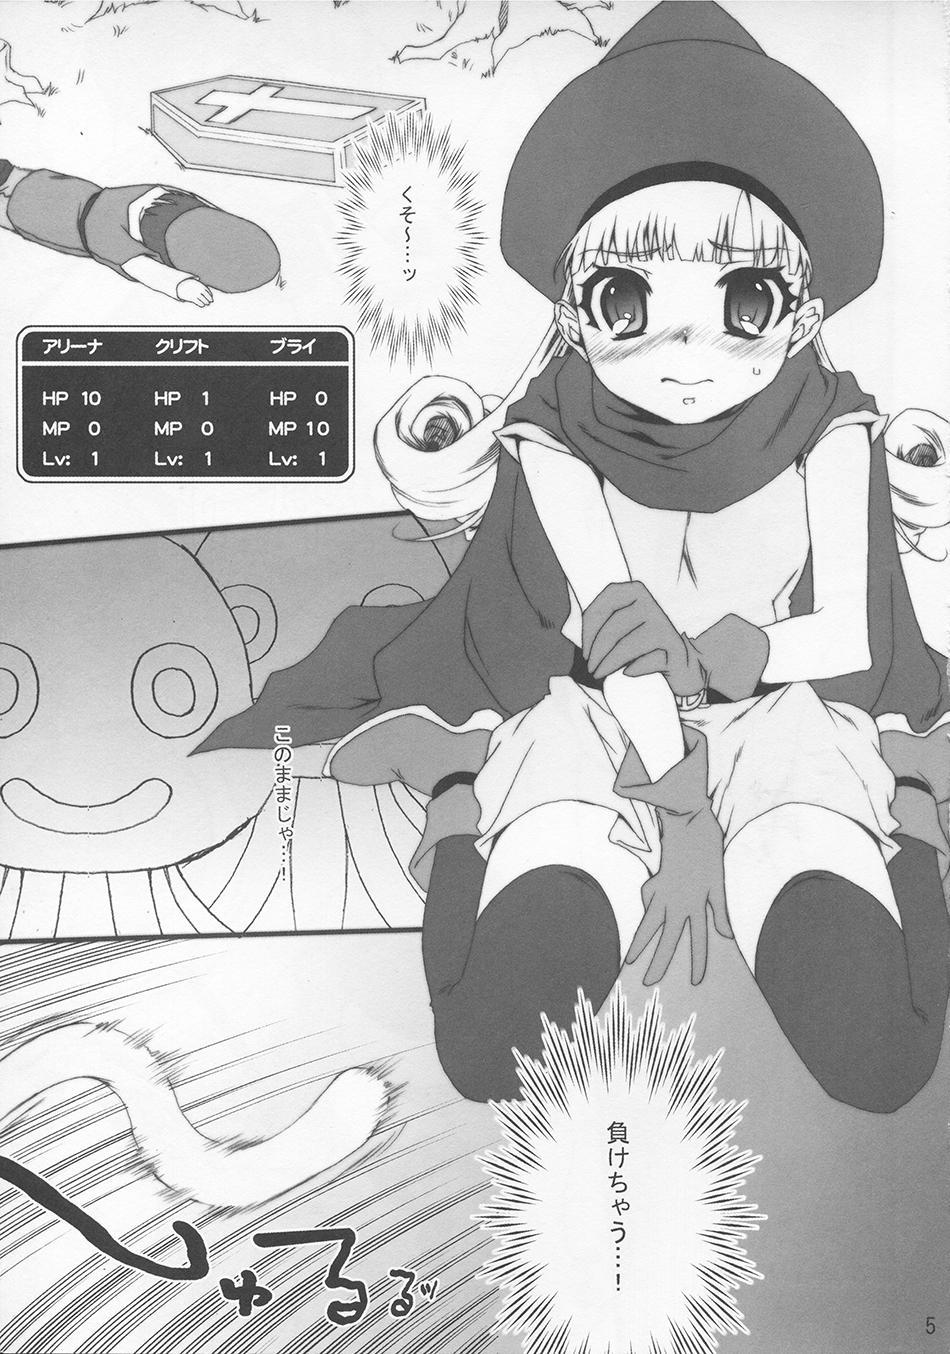 Alena-tama no Seiteki Jijou 3